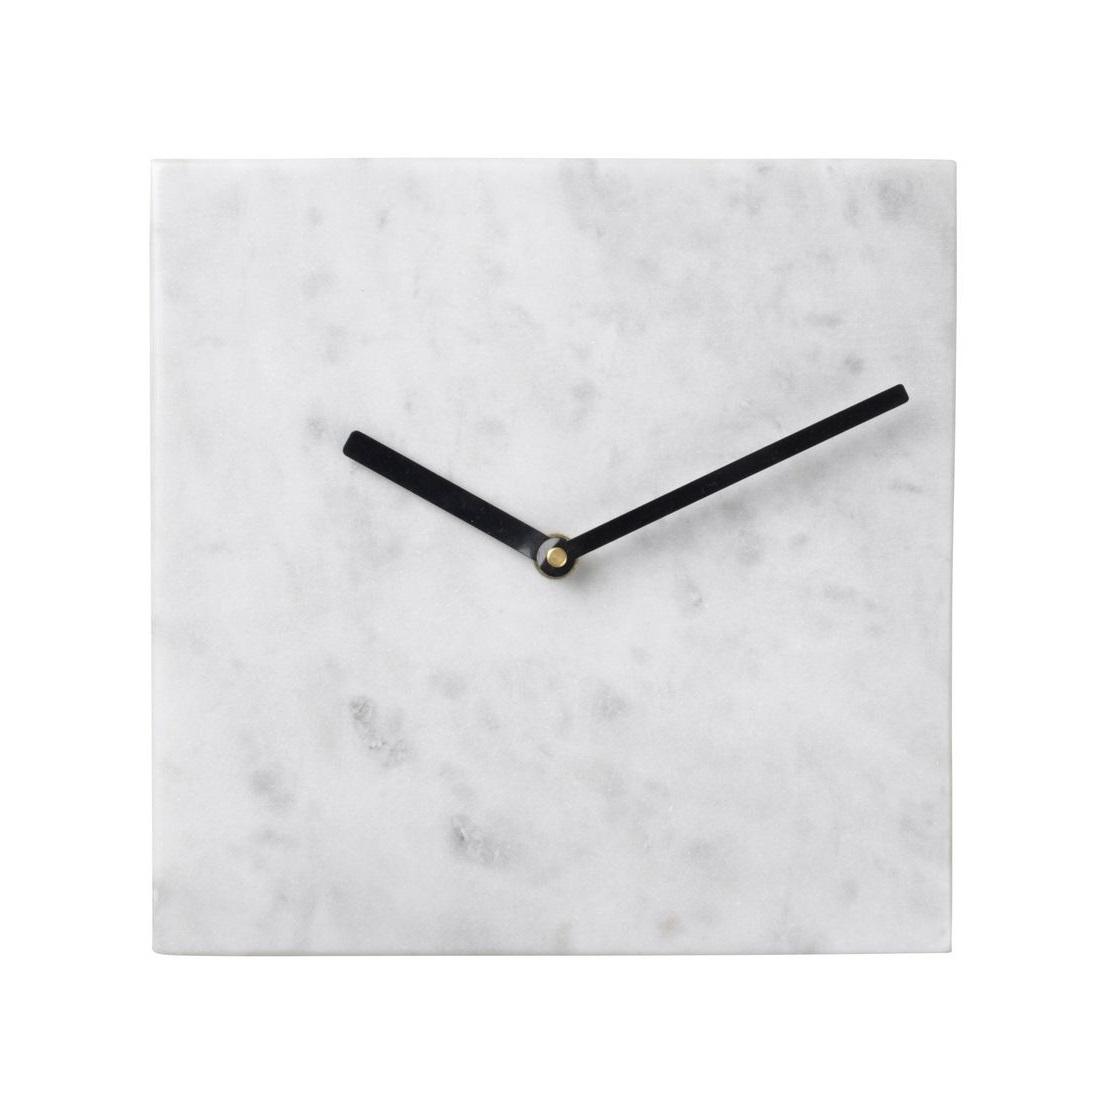 Настенные часыНастенные часы<br>Broste Copenhagen – компания, основанная в 1955 году, занимает лидирующие позиции среди скандинавских брендов товаров для дома. Посуда Broste представлена в ресторанах, входящих в один из самых авторитетных рейтингов «Красный гид», созданный Андре Мишленом. Многие товары выполнены вручную, что придаёт им особенную неповторимость и качество. Традиционный скандинавский дизайн и современные тенденции производства – вот сочетание, заложенное в основу успешности этого старинного датского бренда.&amp;lt;div&amp;gt;&amp;lt;br&amp;gt;&amp;lt;/div&amp;gt;&amp;lt;div&amp;gt;кварцевый механизм&amp;lt;/div&amp;gt;<br><br>Material: Камень<br>Length см: None<br>Width см: 20<br>Depth см: 3<br>Height см: 20